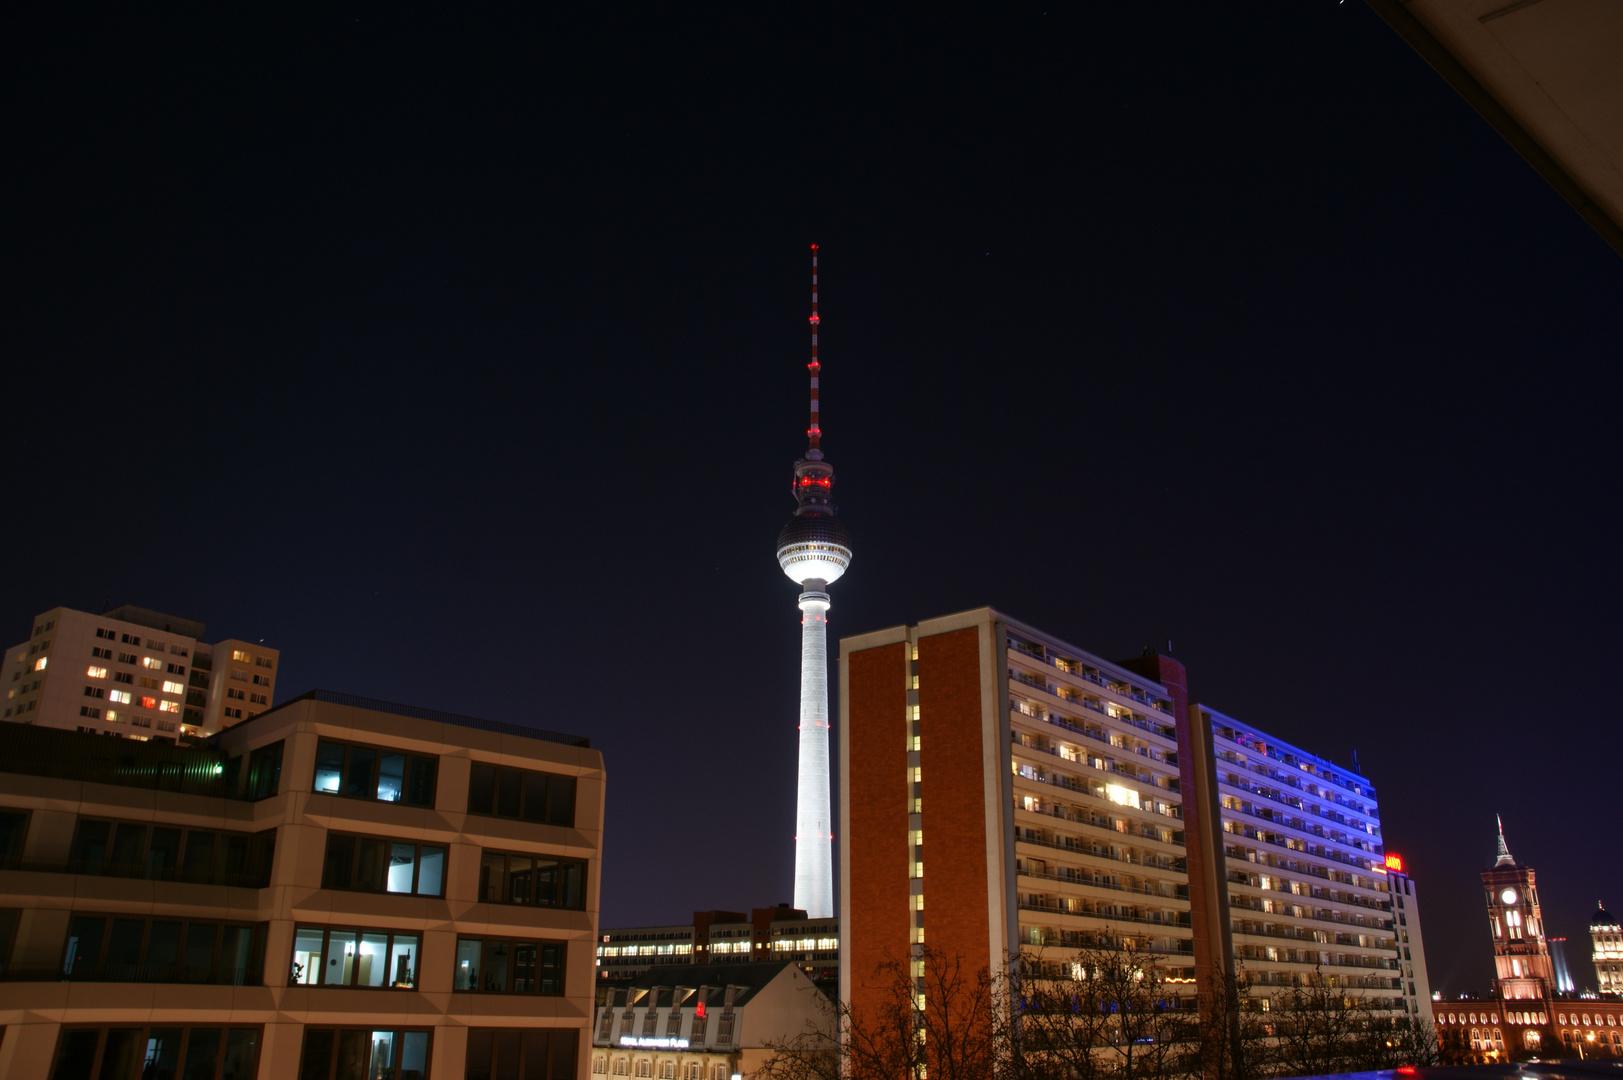 BerlinBeiNacht